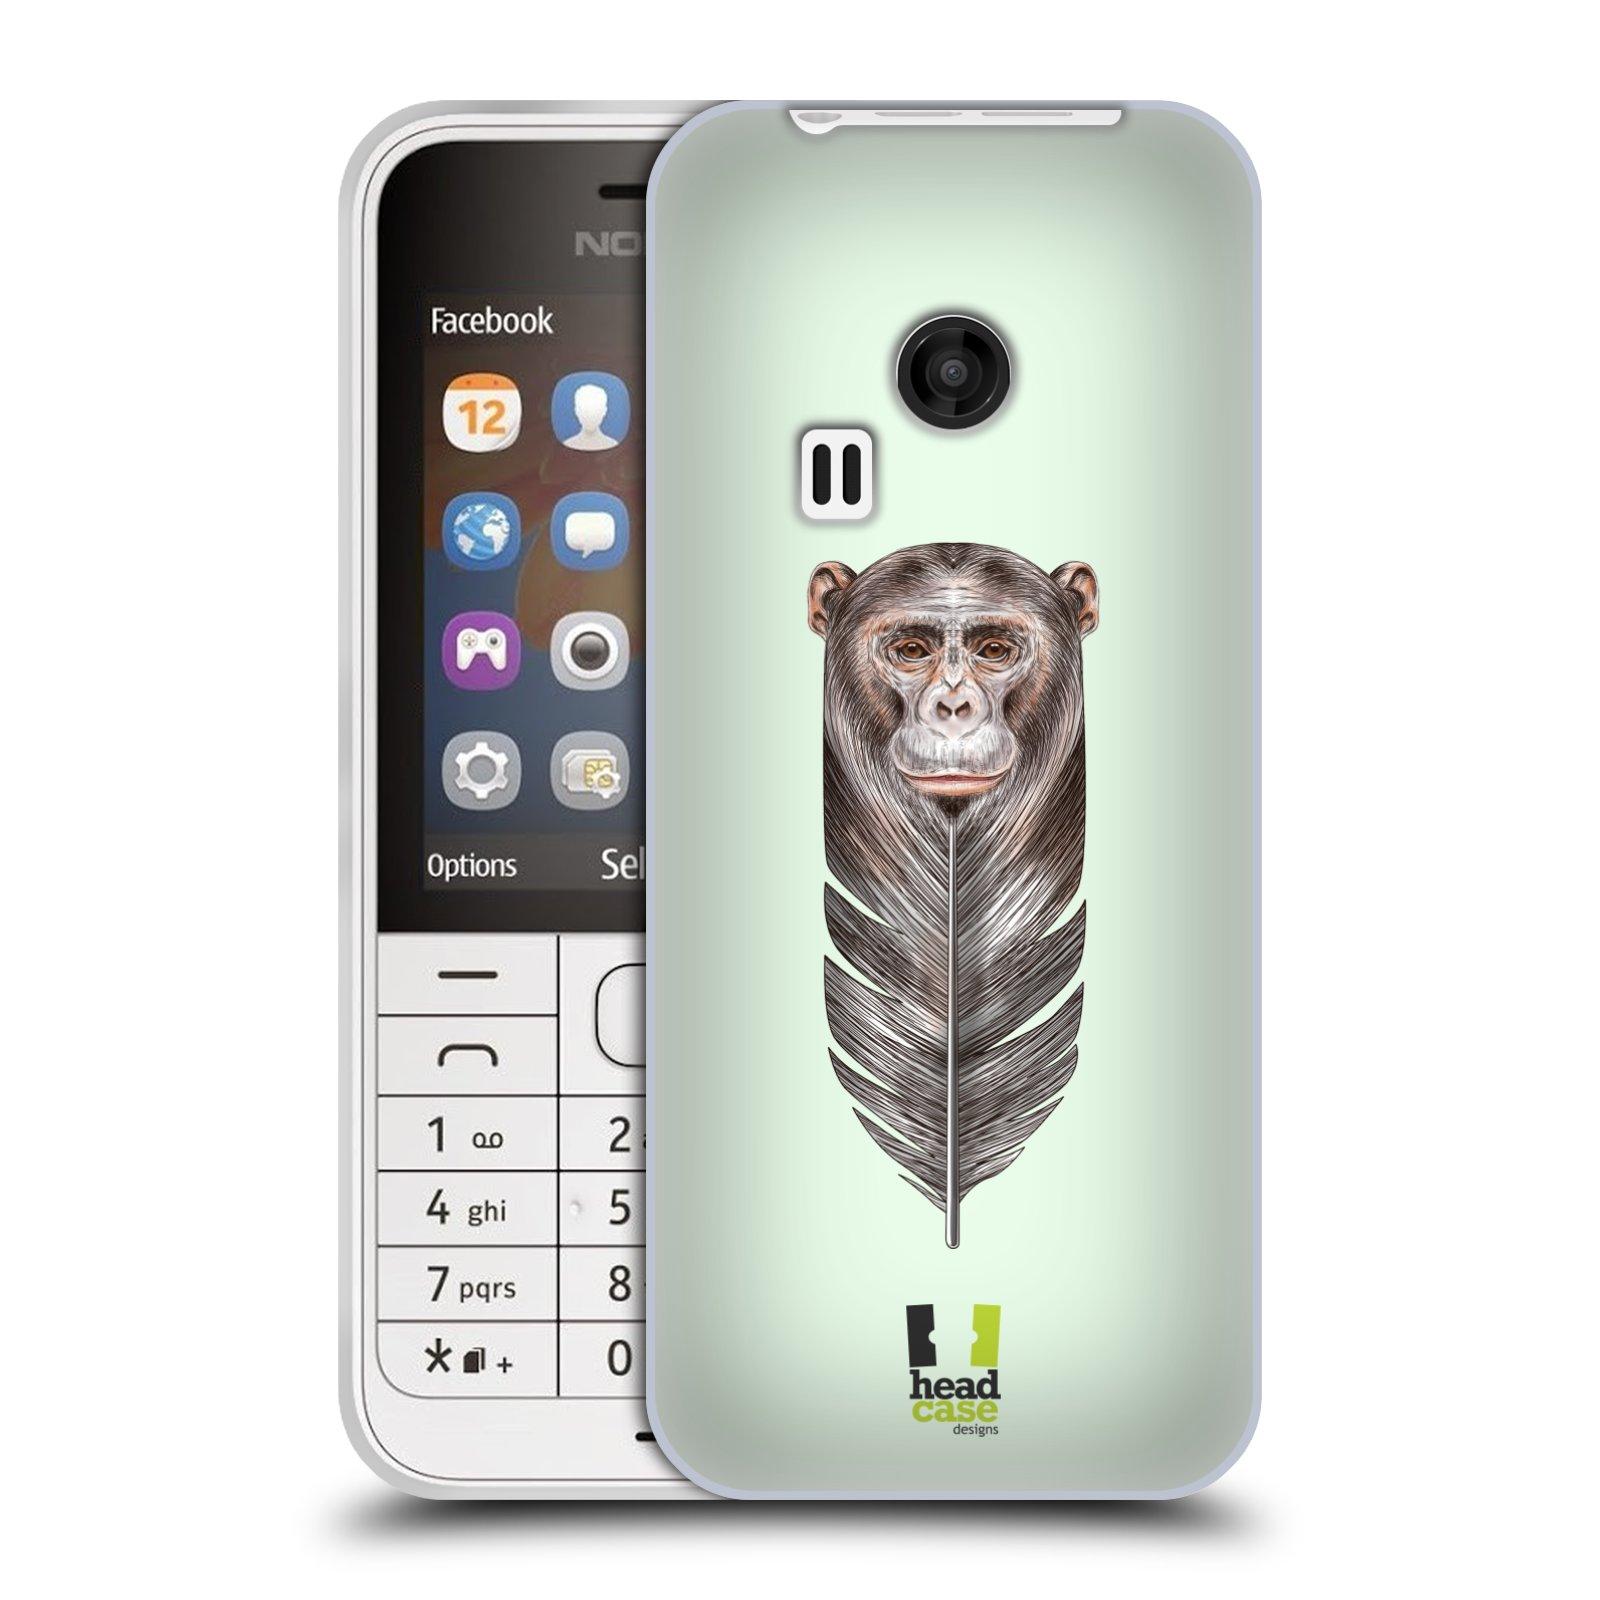 Silikonové pouzdro na mobil Nokia 220 HEAD CASE PÍRKO OPIČKA (Silikonový kryt či obal na mobilní telefon Nokia 220 a 220 Dual SIM)